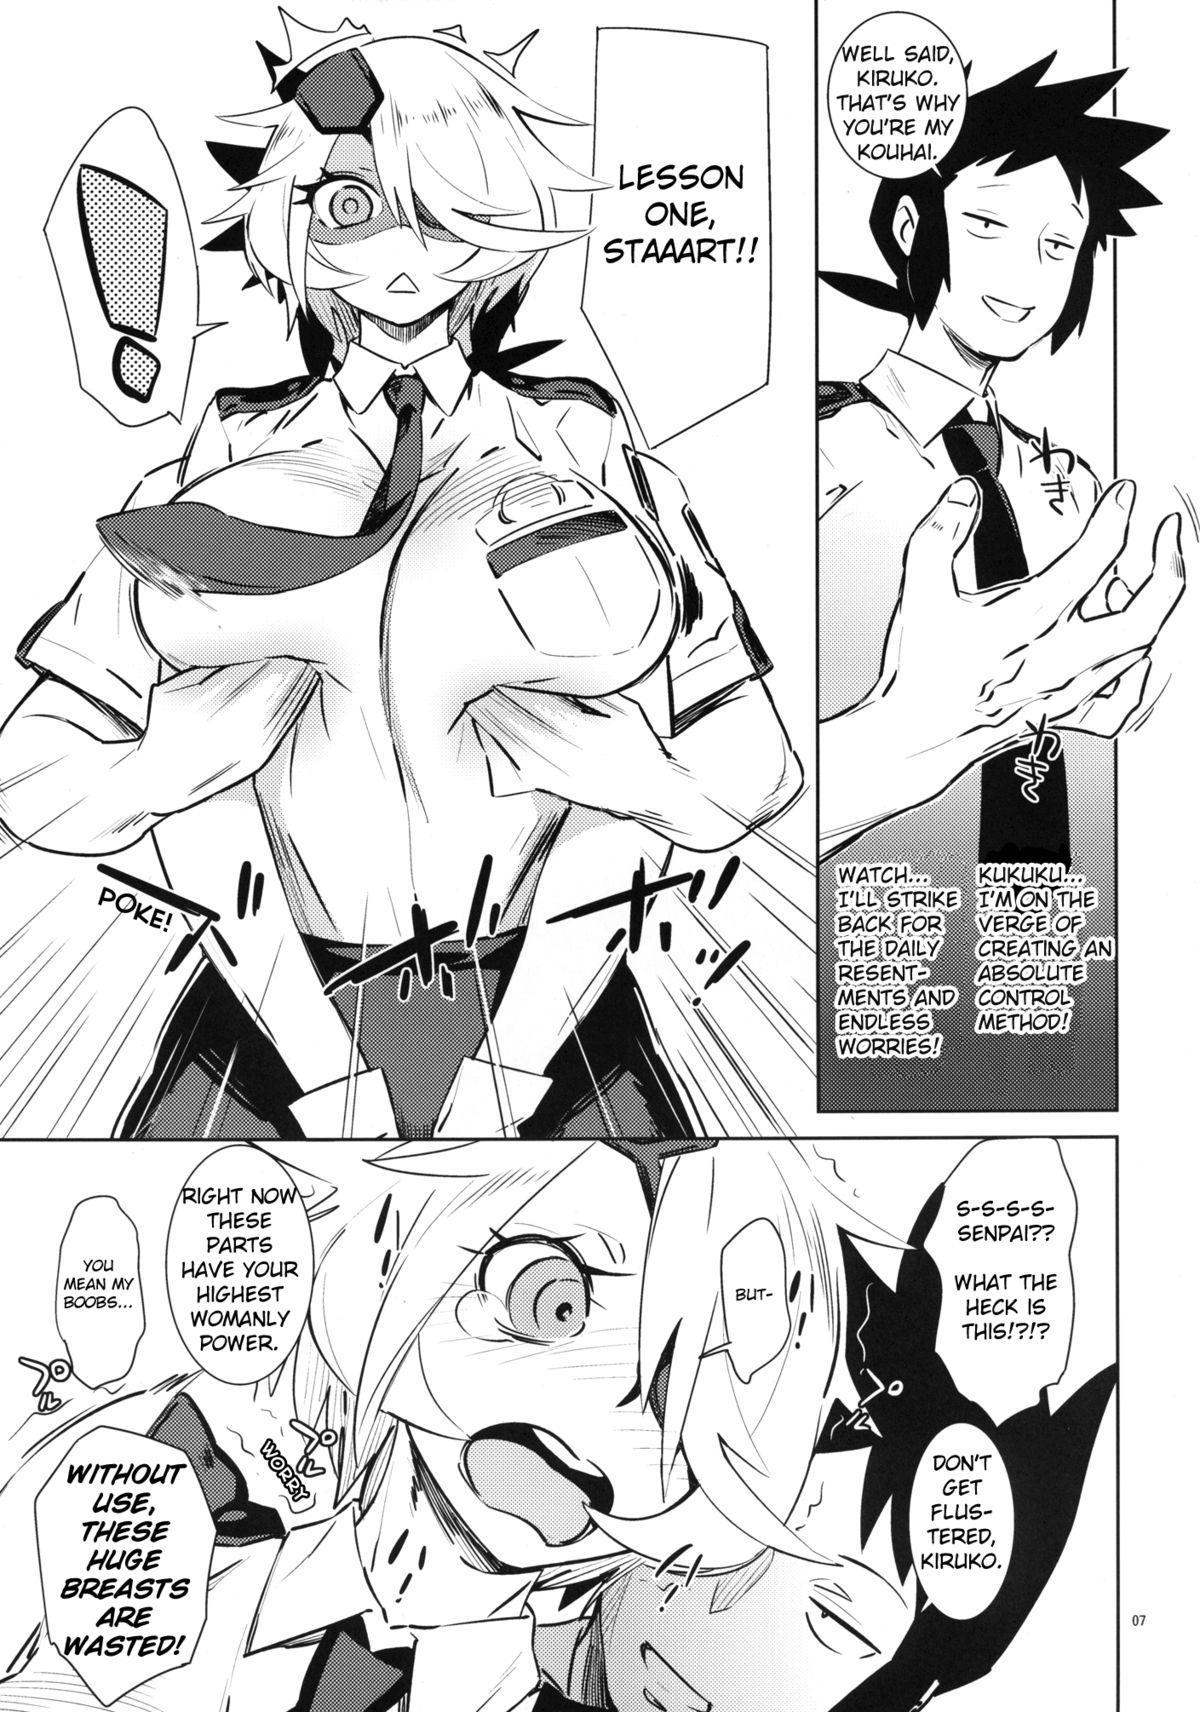 [Abradeli Kami (bobobo)] Kiruko-san no Joshiryoku Up Daisakusen | Kiruko's Womanly Power-Up Epic Battle (Shinmai Fukei Kiruko-san) [English] [Koukai Shokei] [Digital] 6